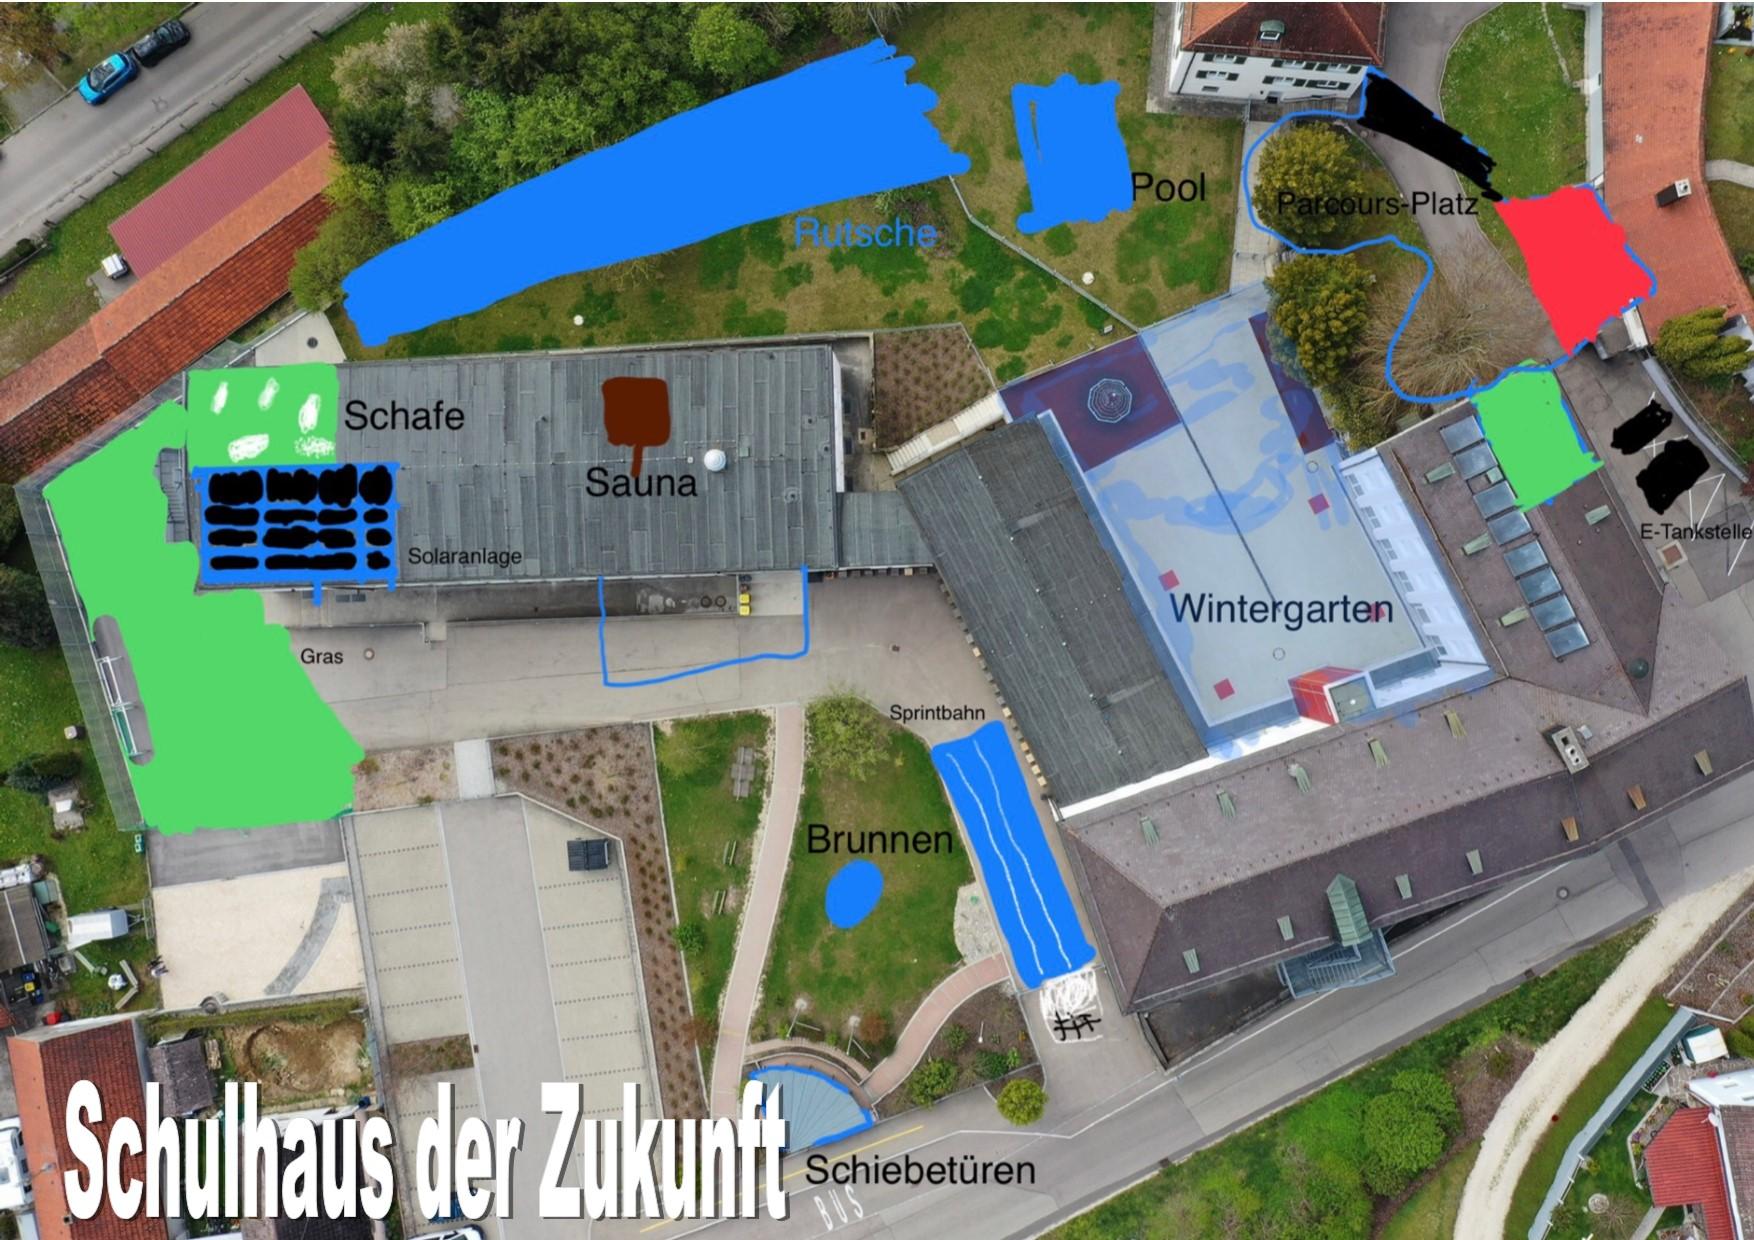 Schulhaus der Zukunft